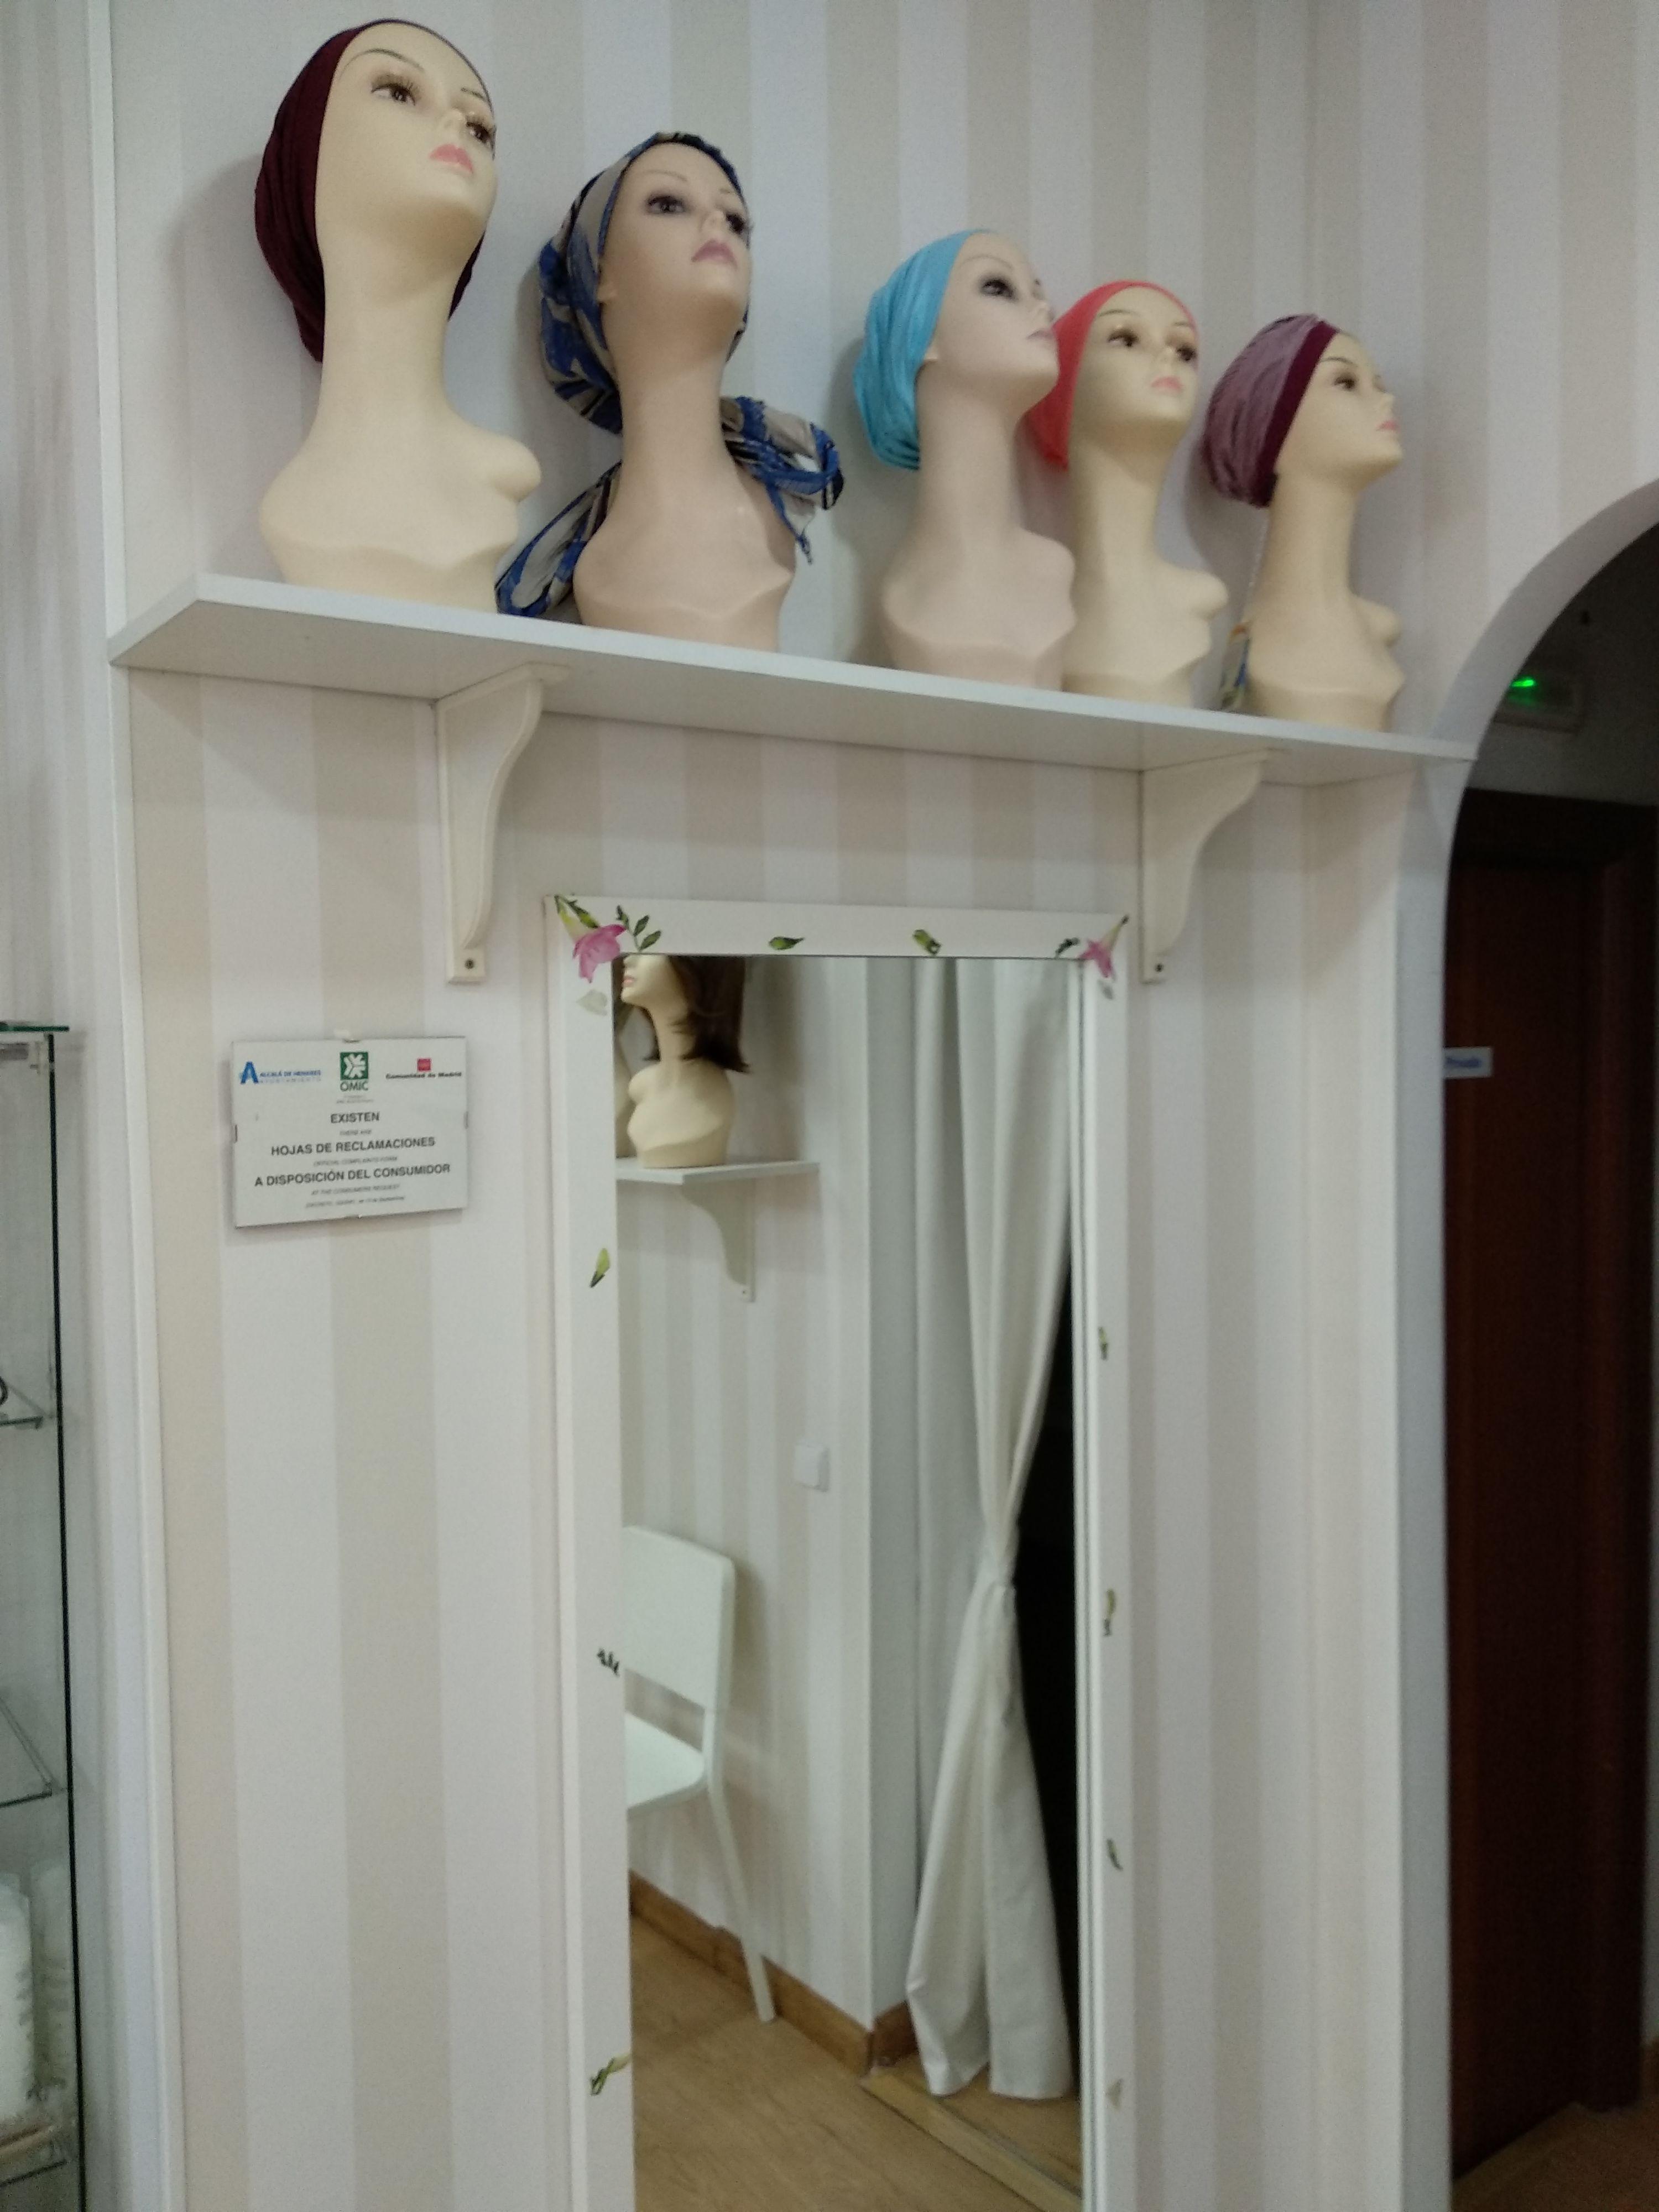 Foto 8 de Pelucas y extensiones en Alcalá de Henares | SensiBelle Beauty Hair